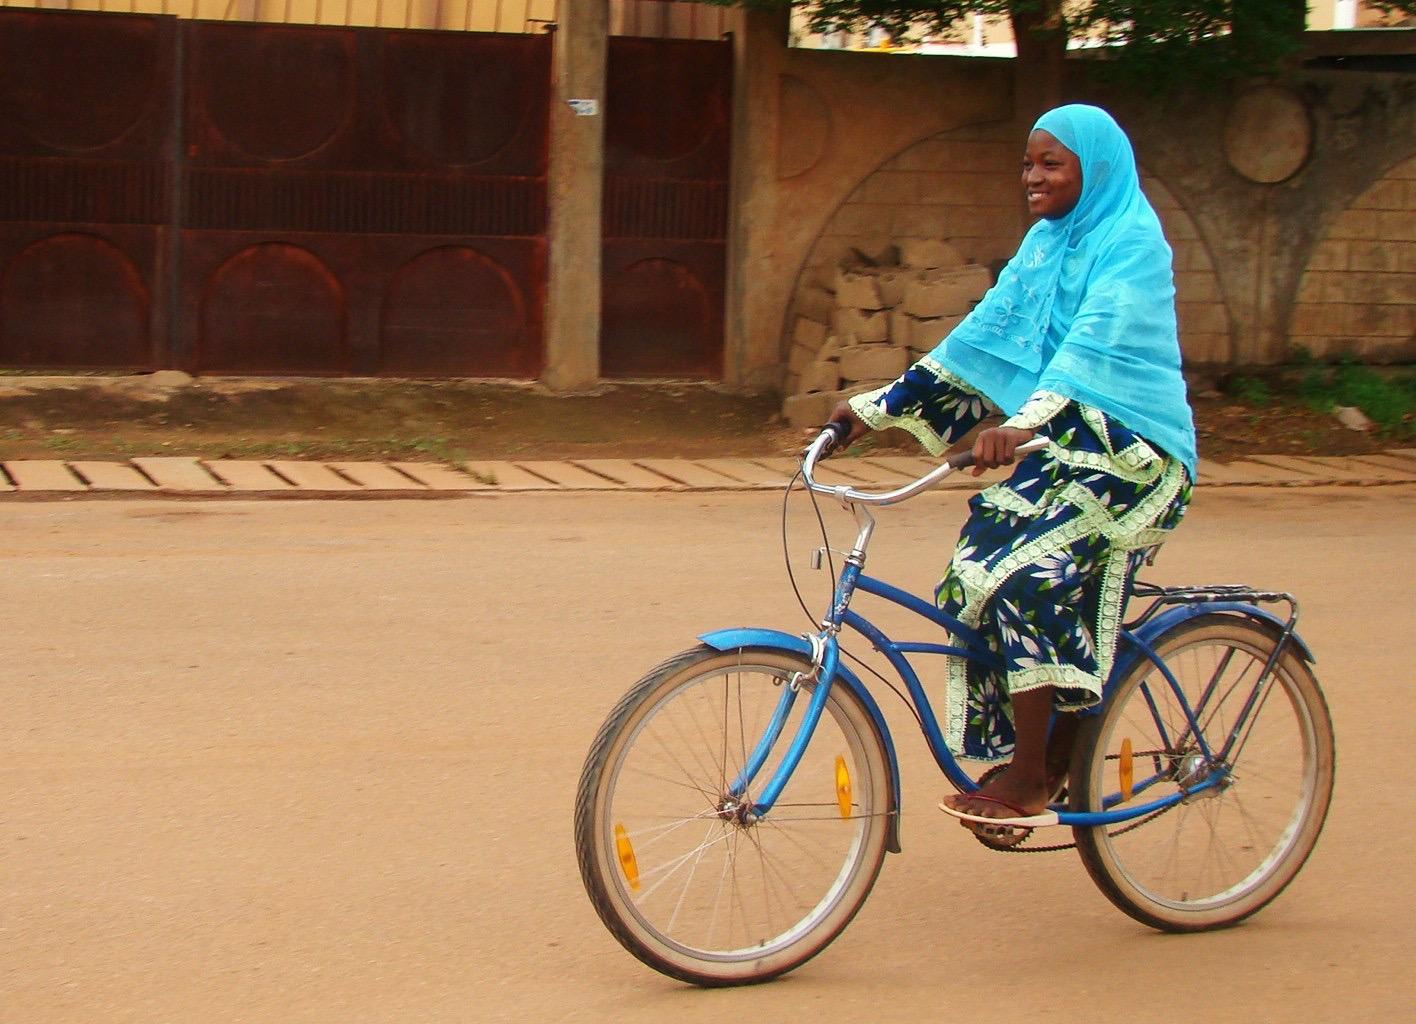 Und wie entsorgen Sie Ihr Fahrrad?